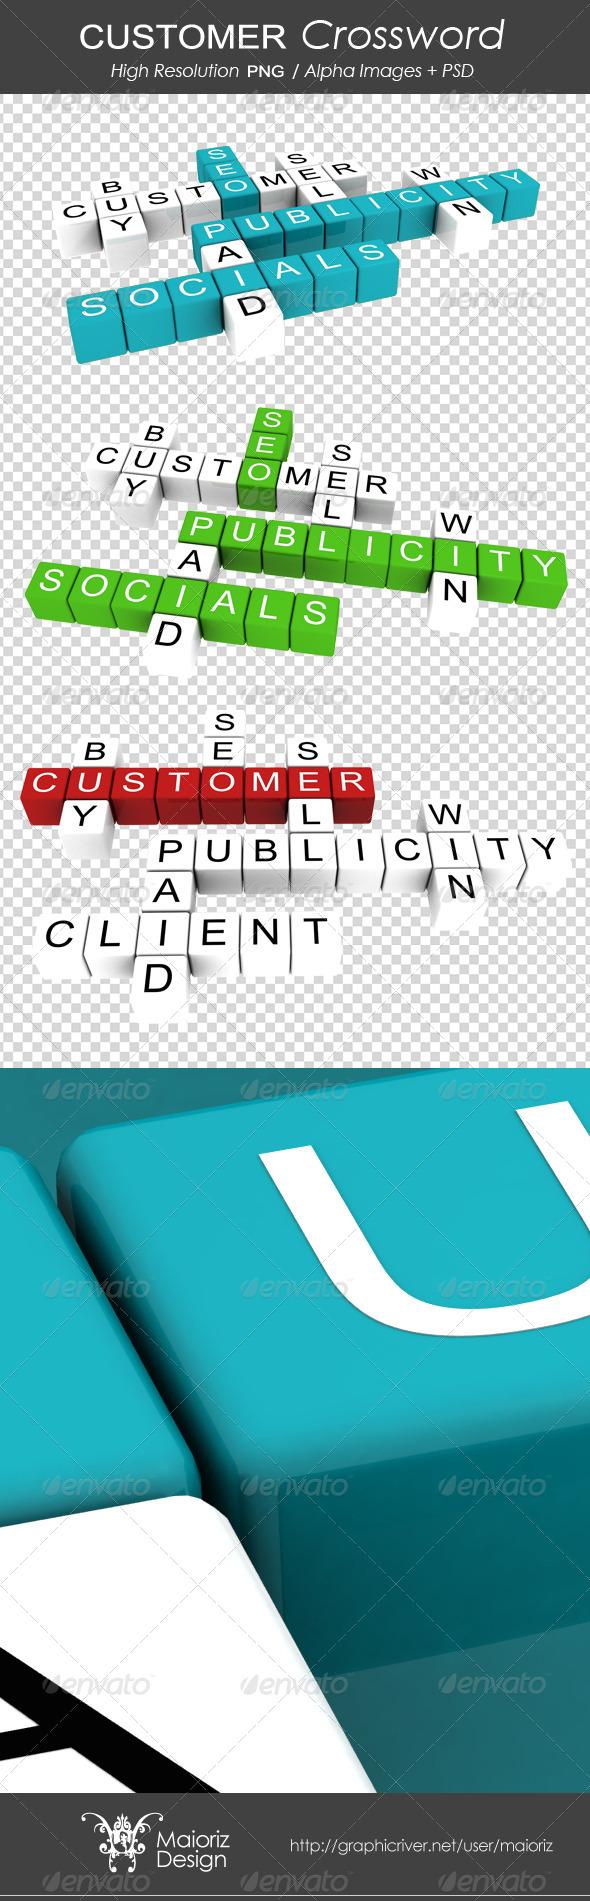 Customer Crossword - Text 3D Renders